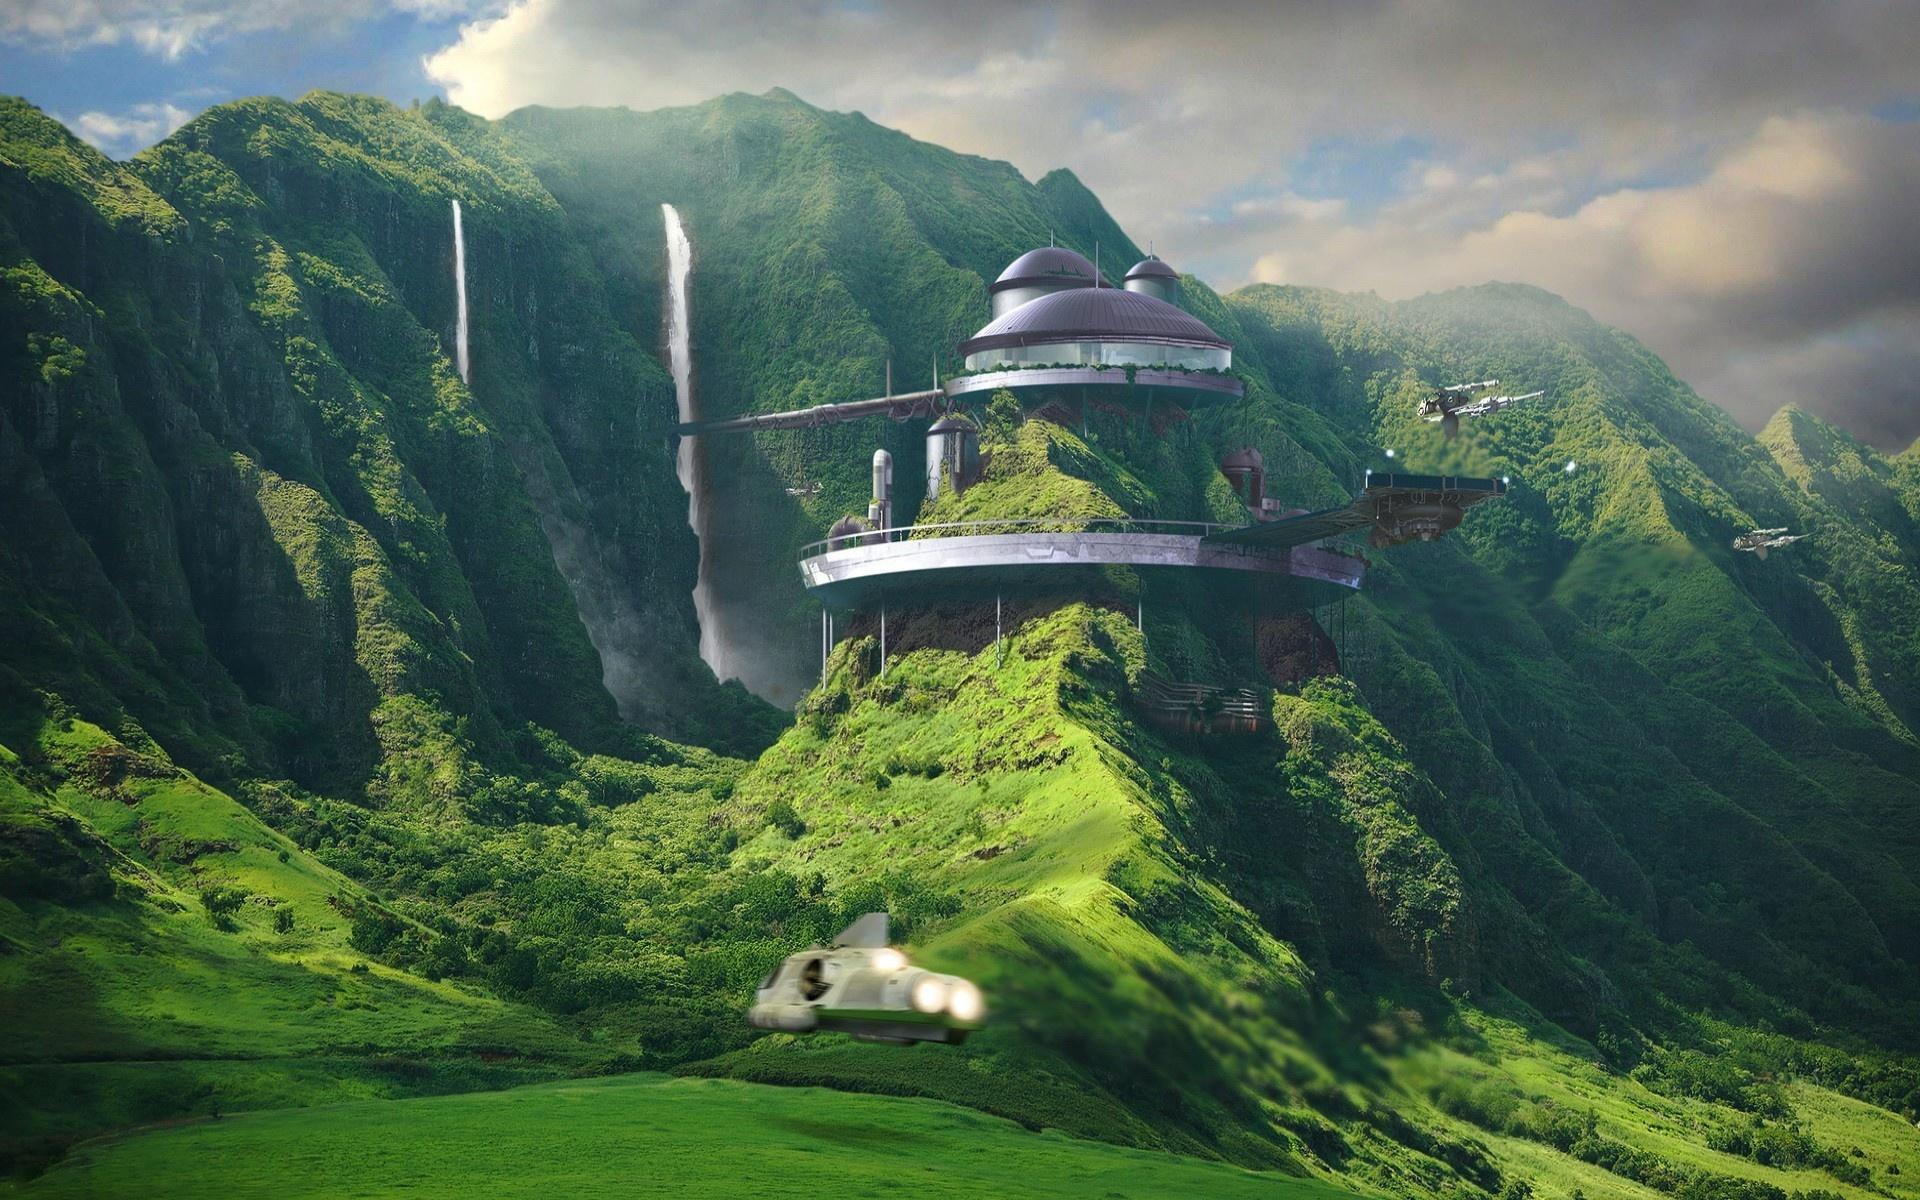 Sci Fi City 1920 x 1200 Download Close 1920x1200